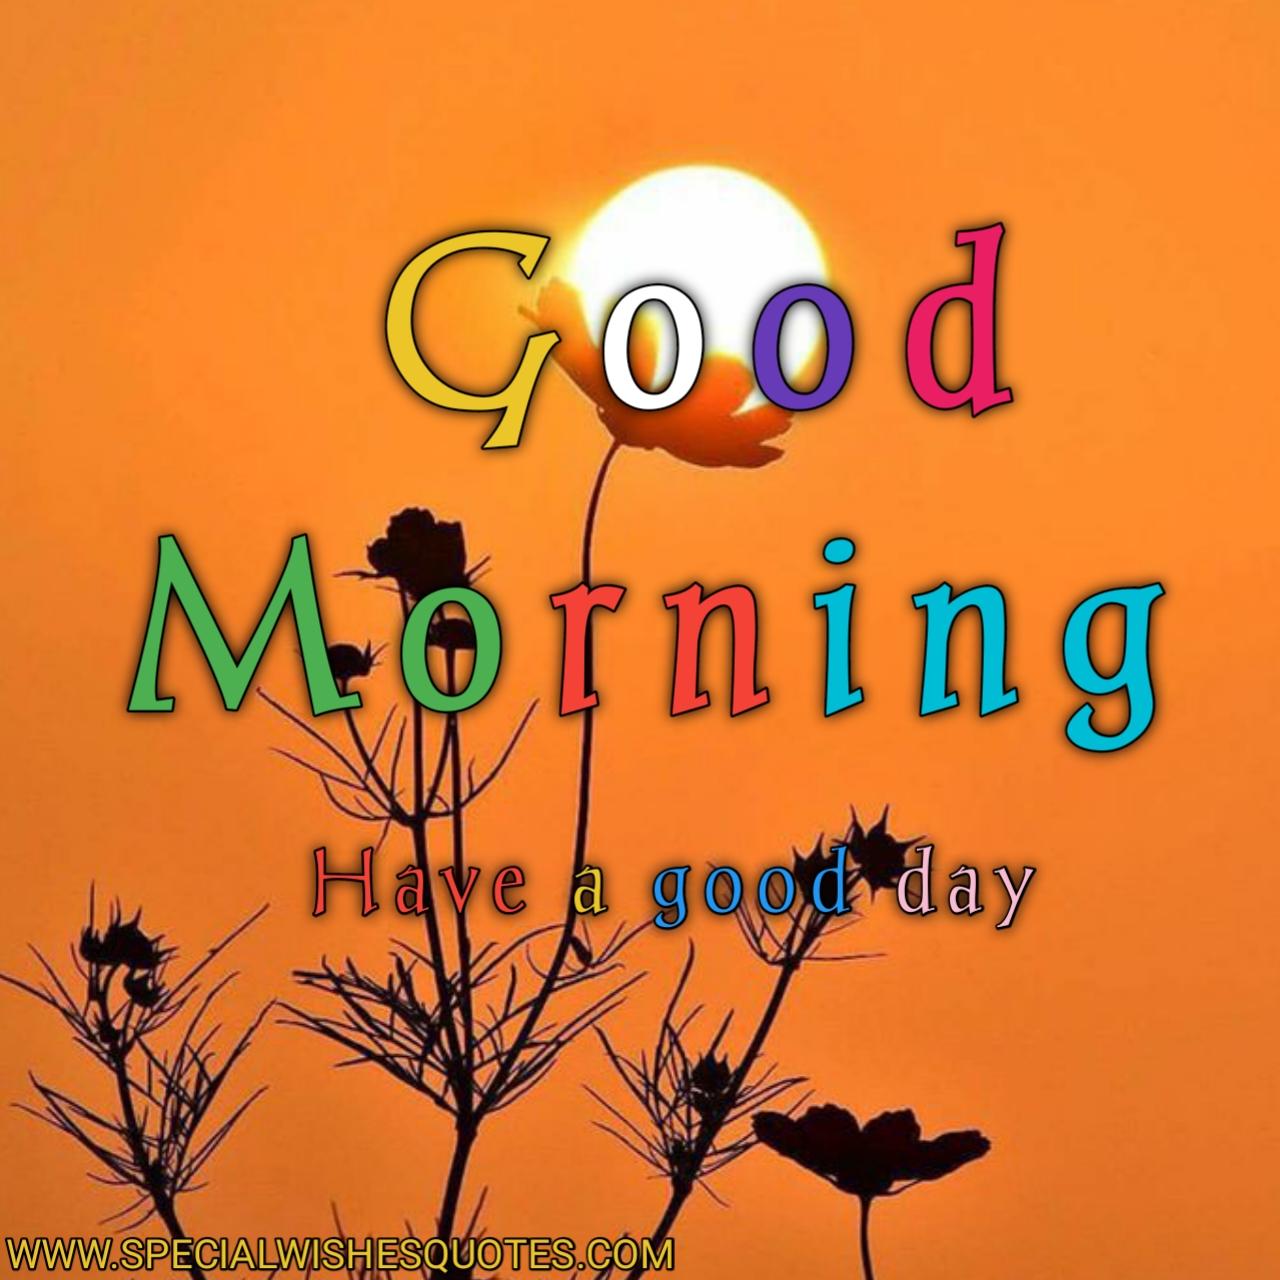 sunday good morning image